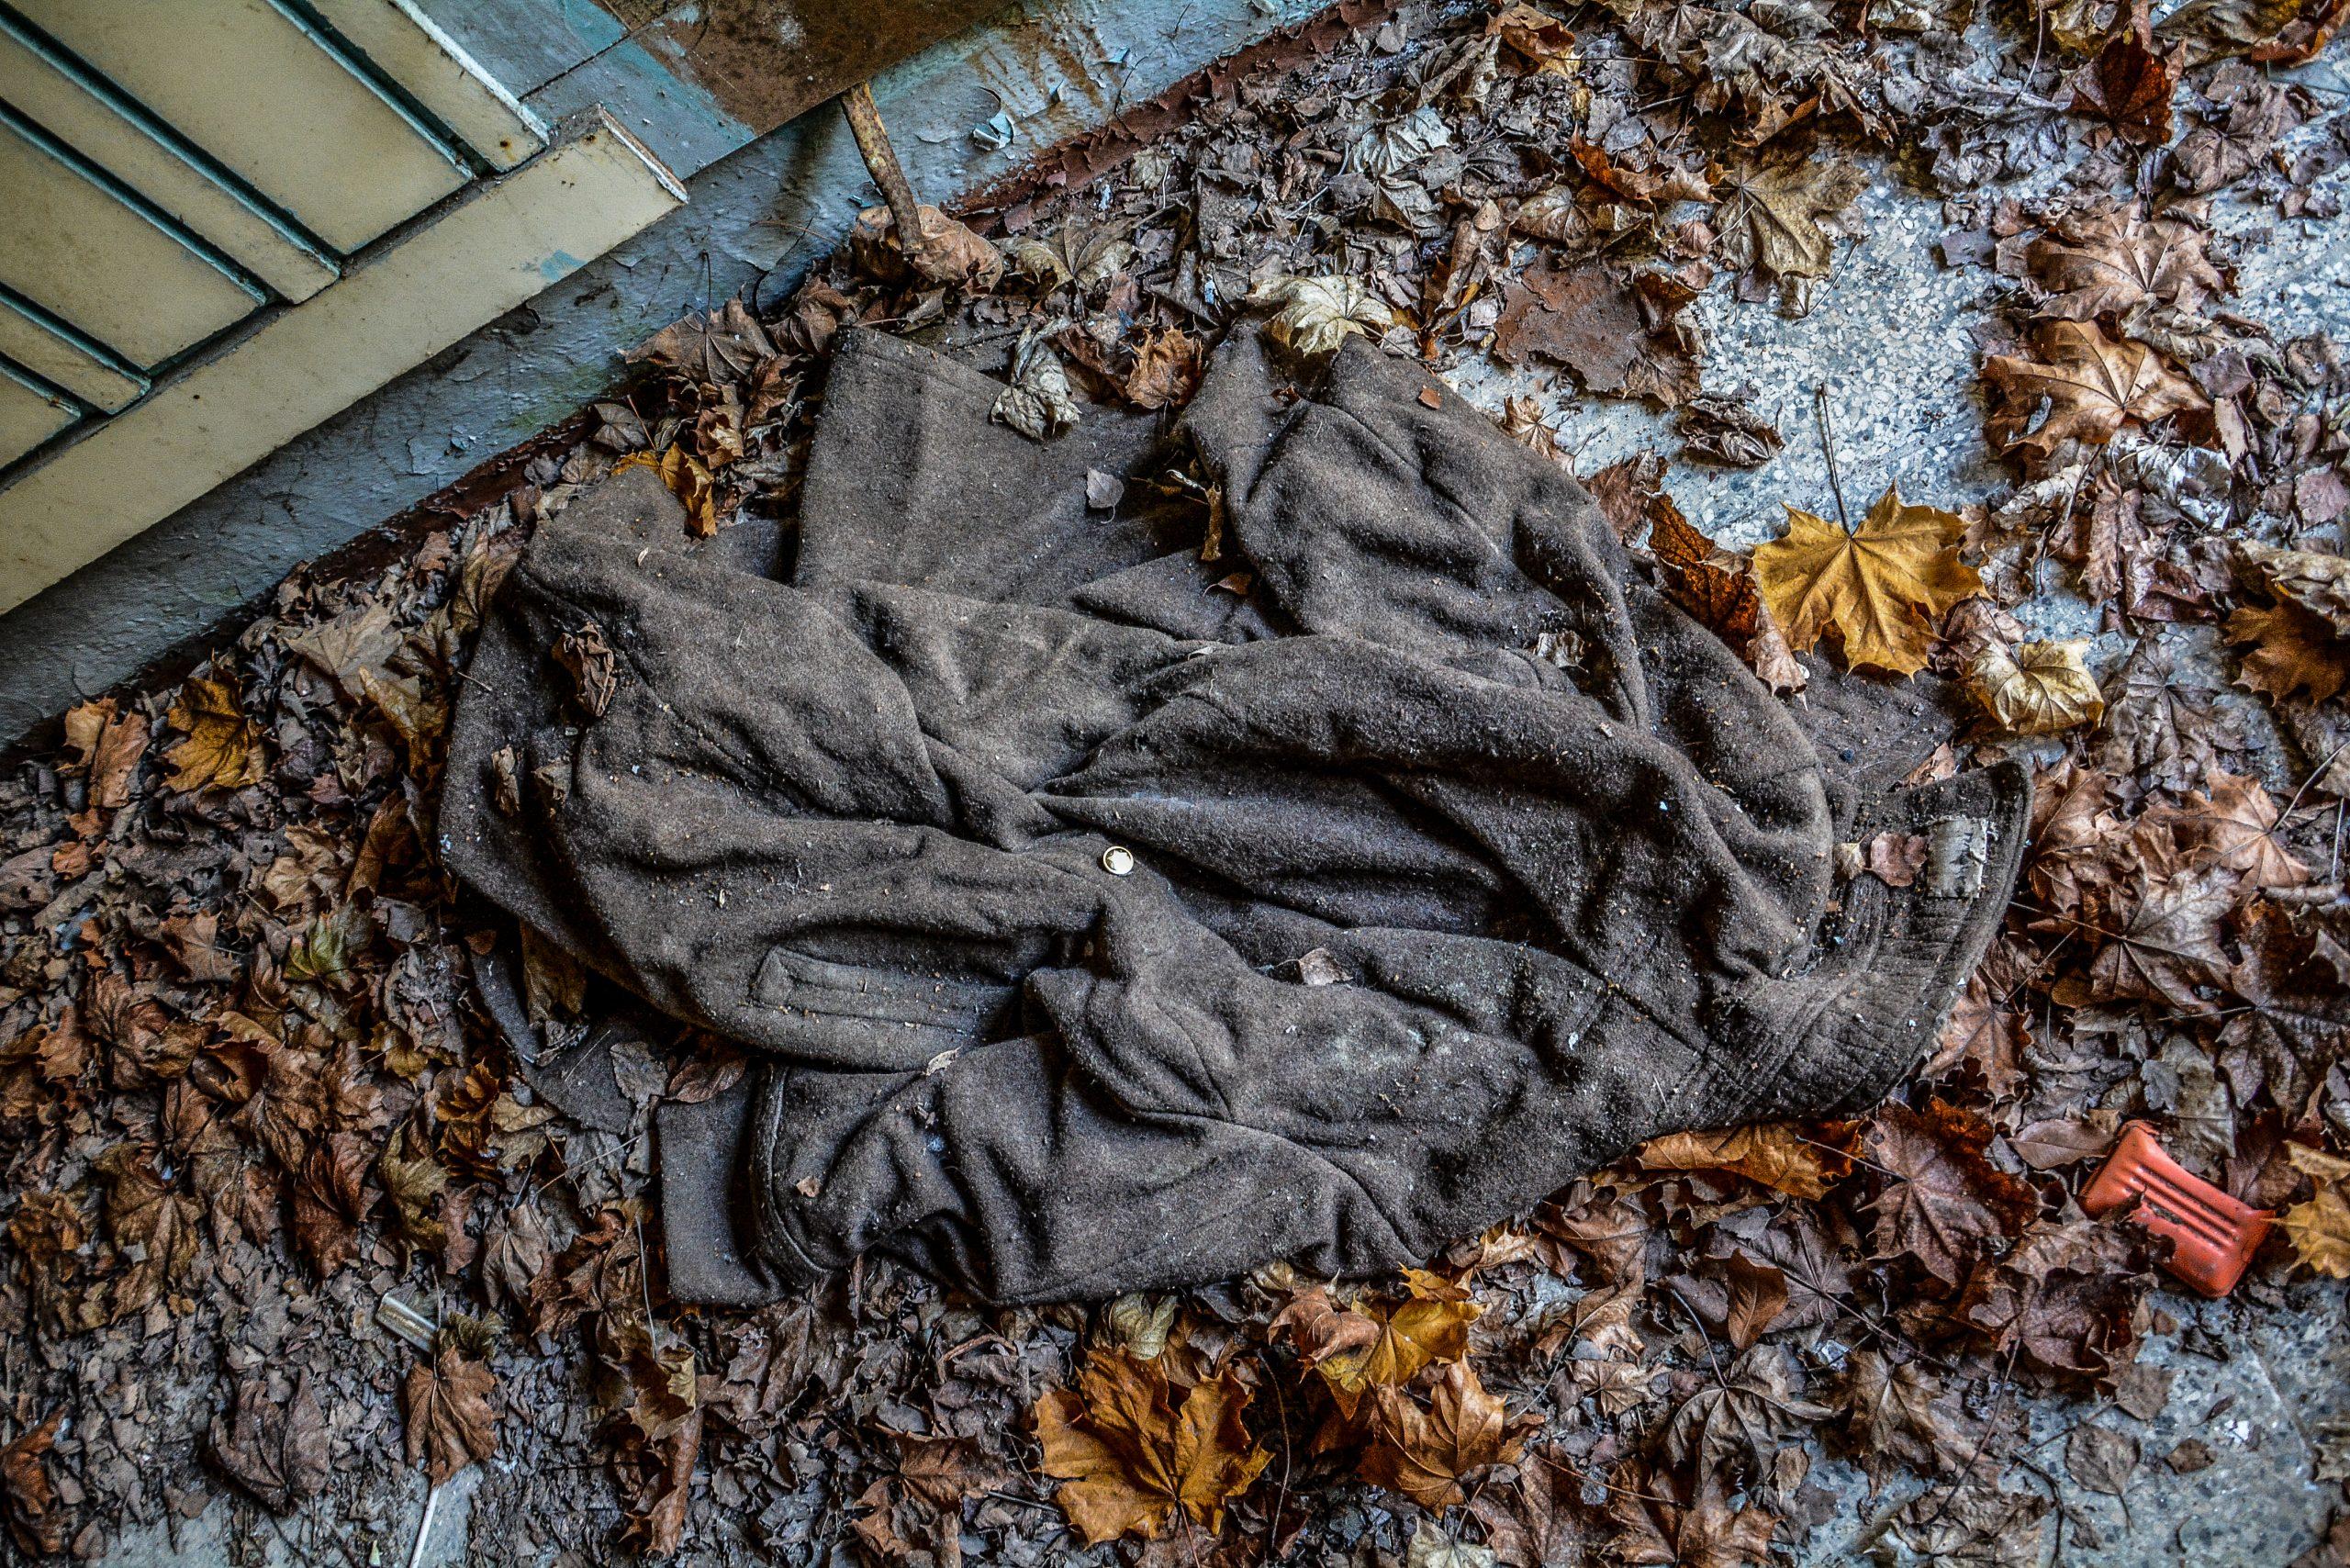 soviet coat forst zinna adolf hitler lager luckenwalde juterbog sowjet kaserne soviet military barracks germany lost places urbex abandoned